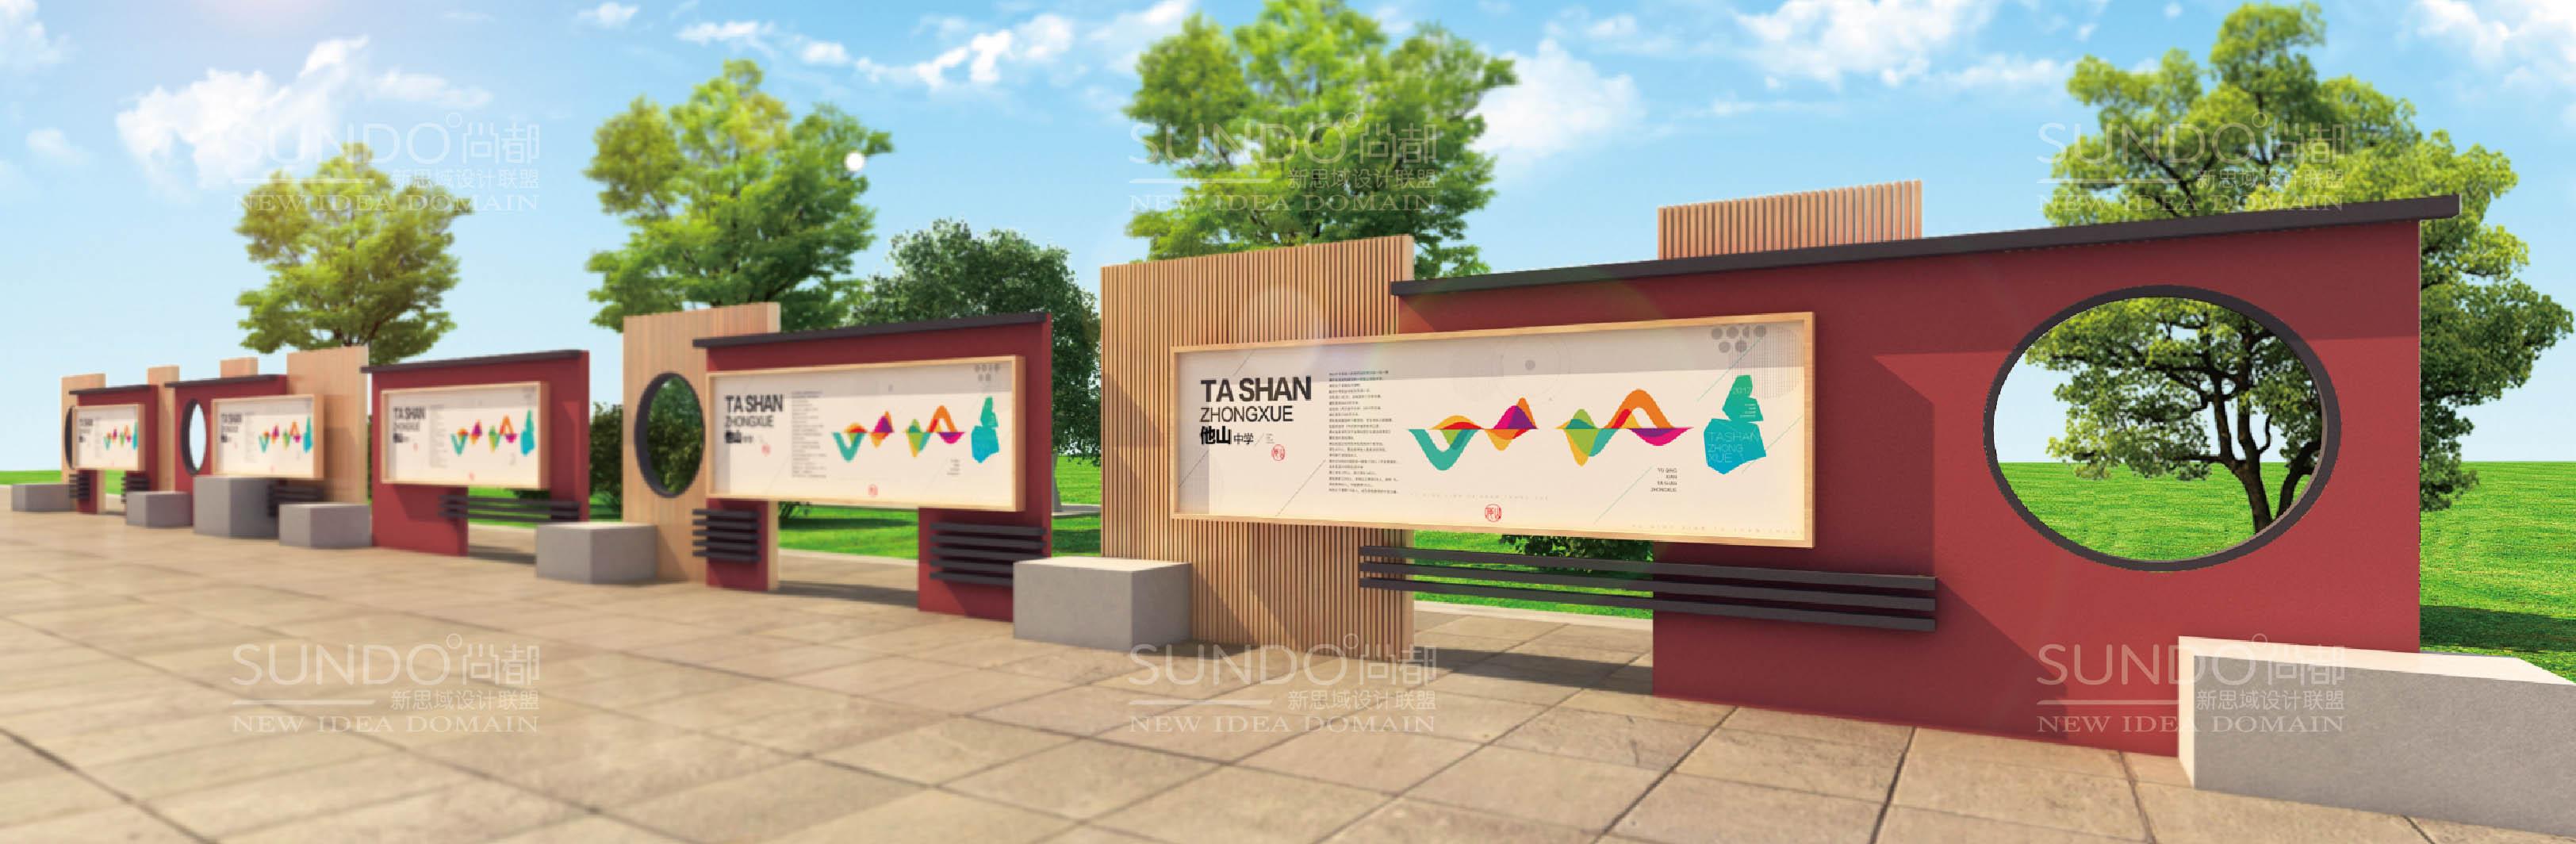 项目名称:余庆县他山中学 校园文化建设 服务内容:校徽设计,导视系统图片